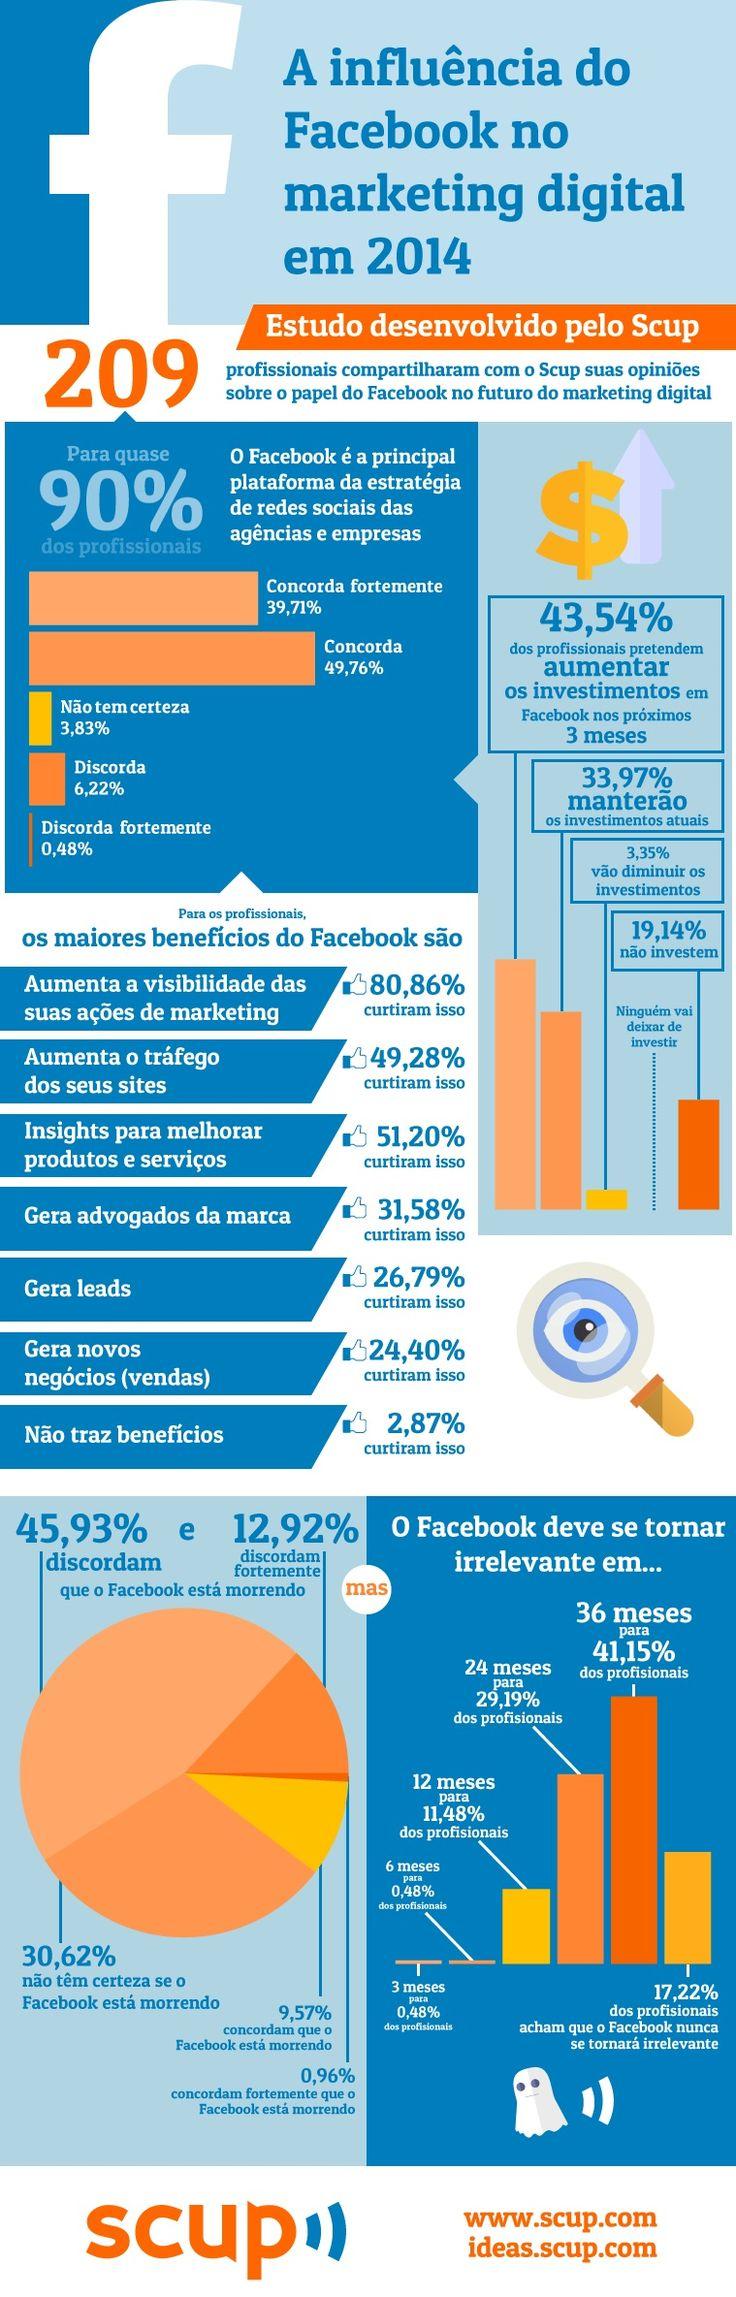 Infográfico mostra o futuro do Facebook em 2014.